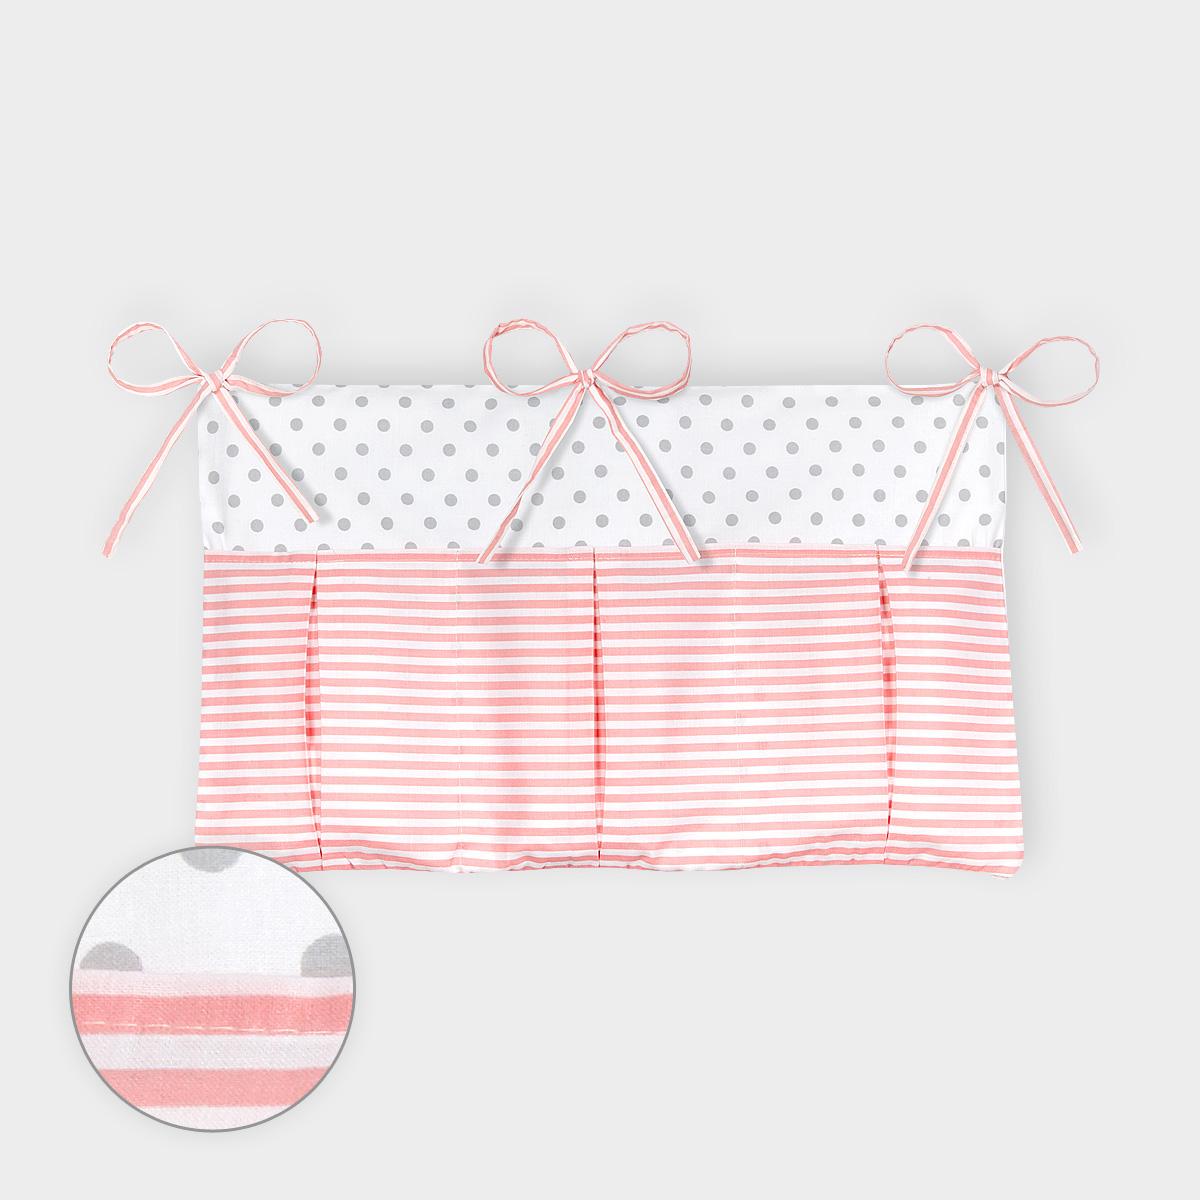 kraftkids betttasche graue punkte auf weiss und streifen rosa. Black Bedroom Furniture Sets. Home Design Ideas